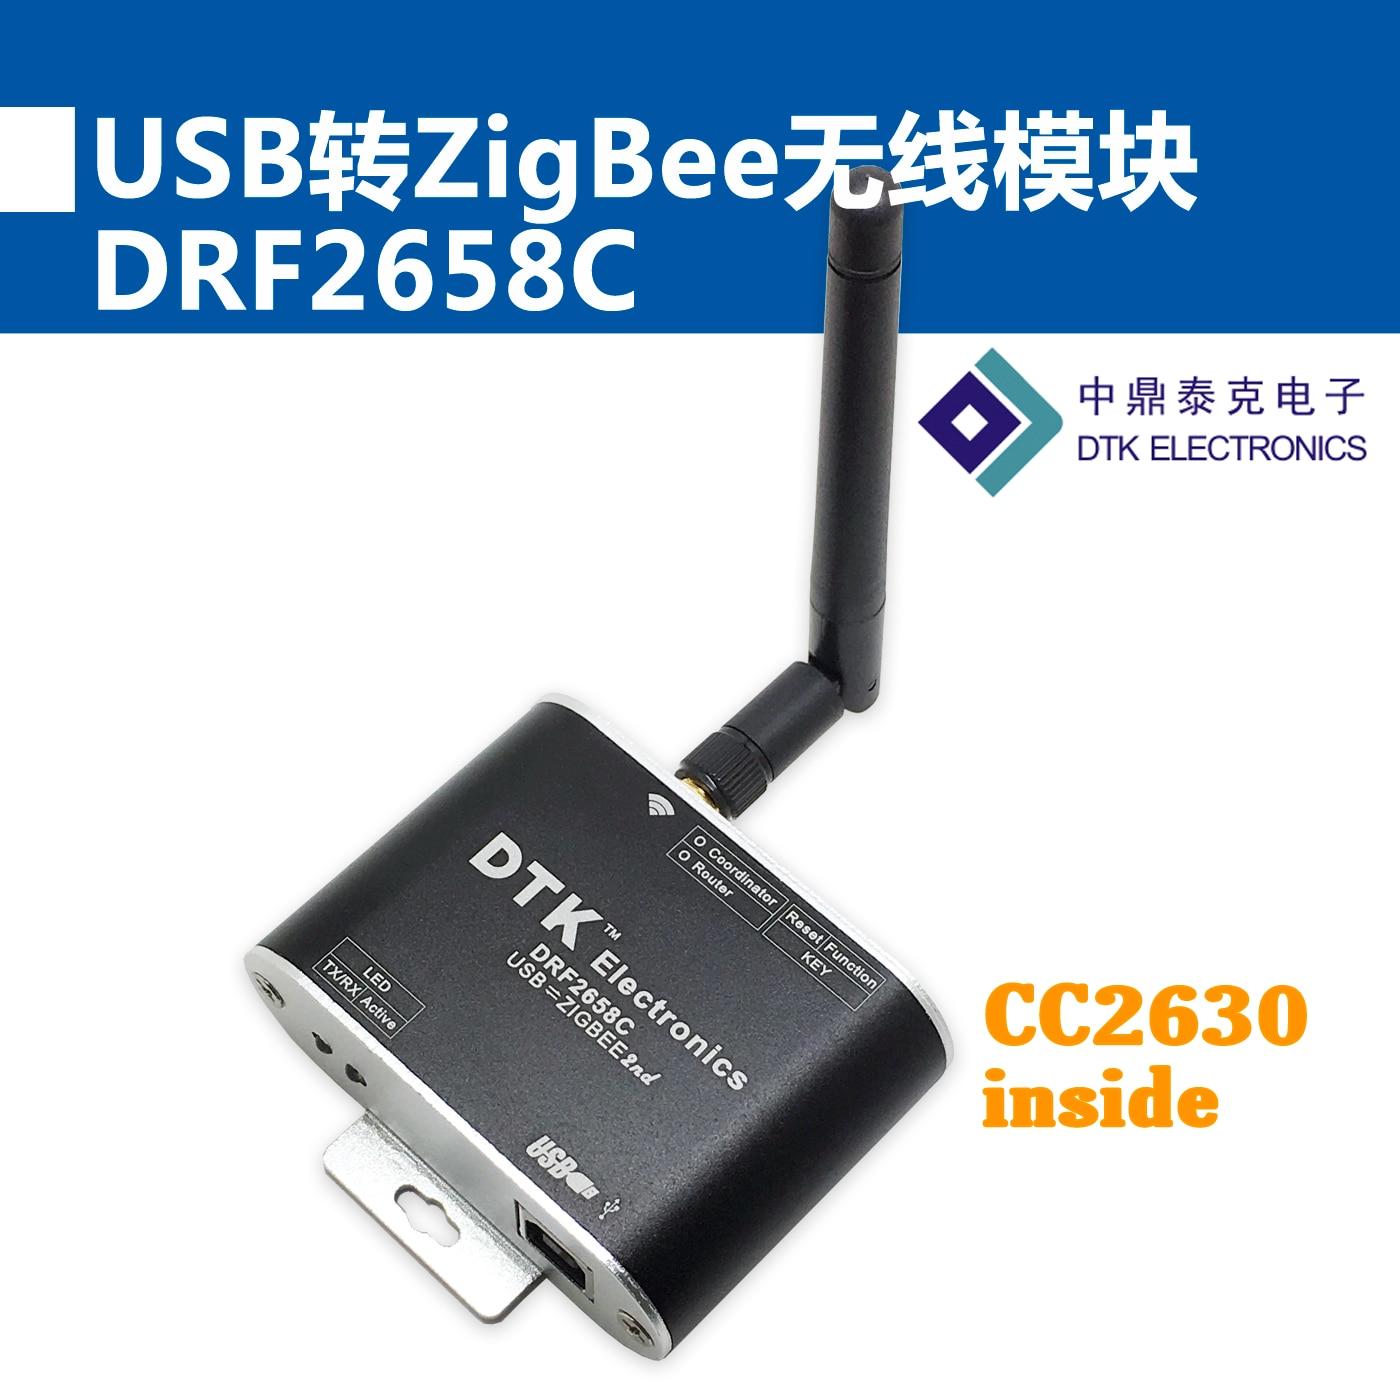 USB to ZigBee Wireless Module (1.6 Km Transmission, CC2630 Chip, Far More than CC2530)USB to ZigBee Wireless Module (1.6 Km Transmission, CC2630 Chip, Far More than CC2530)